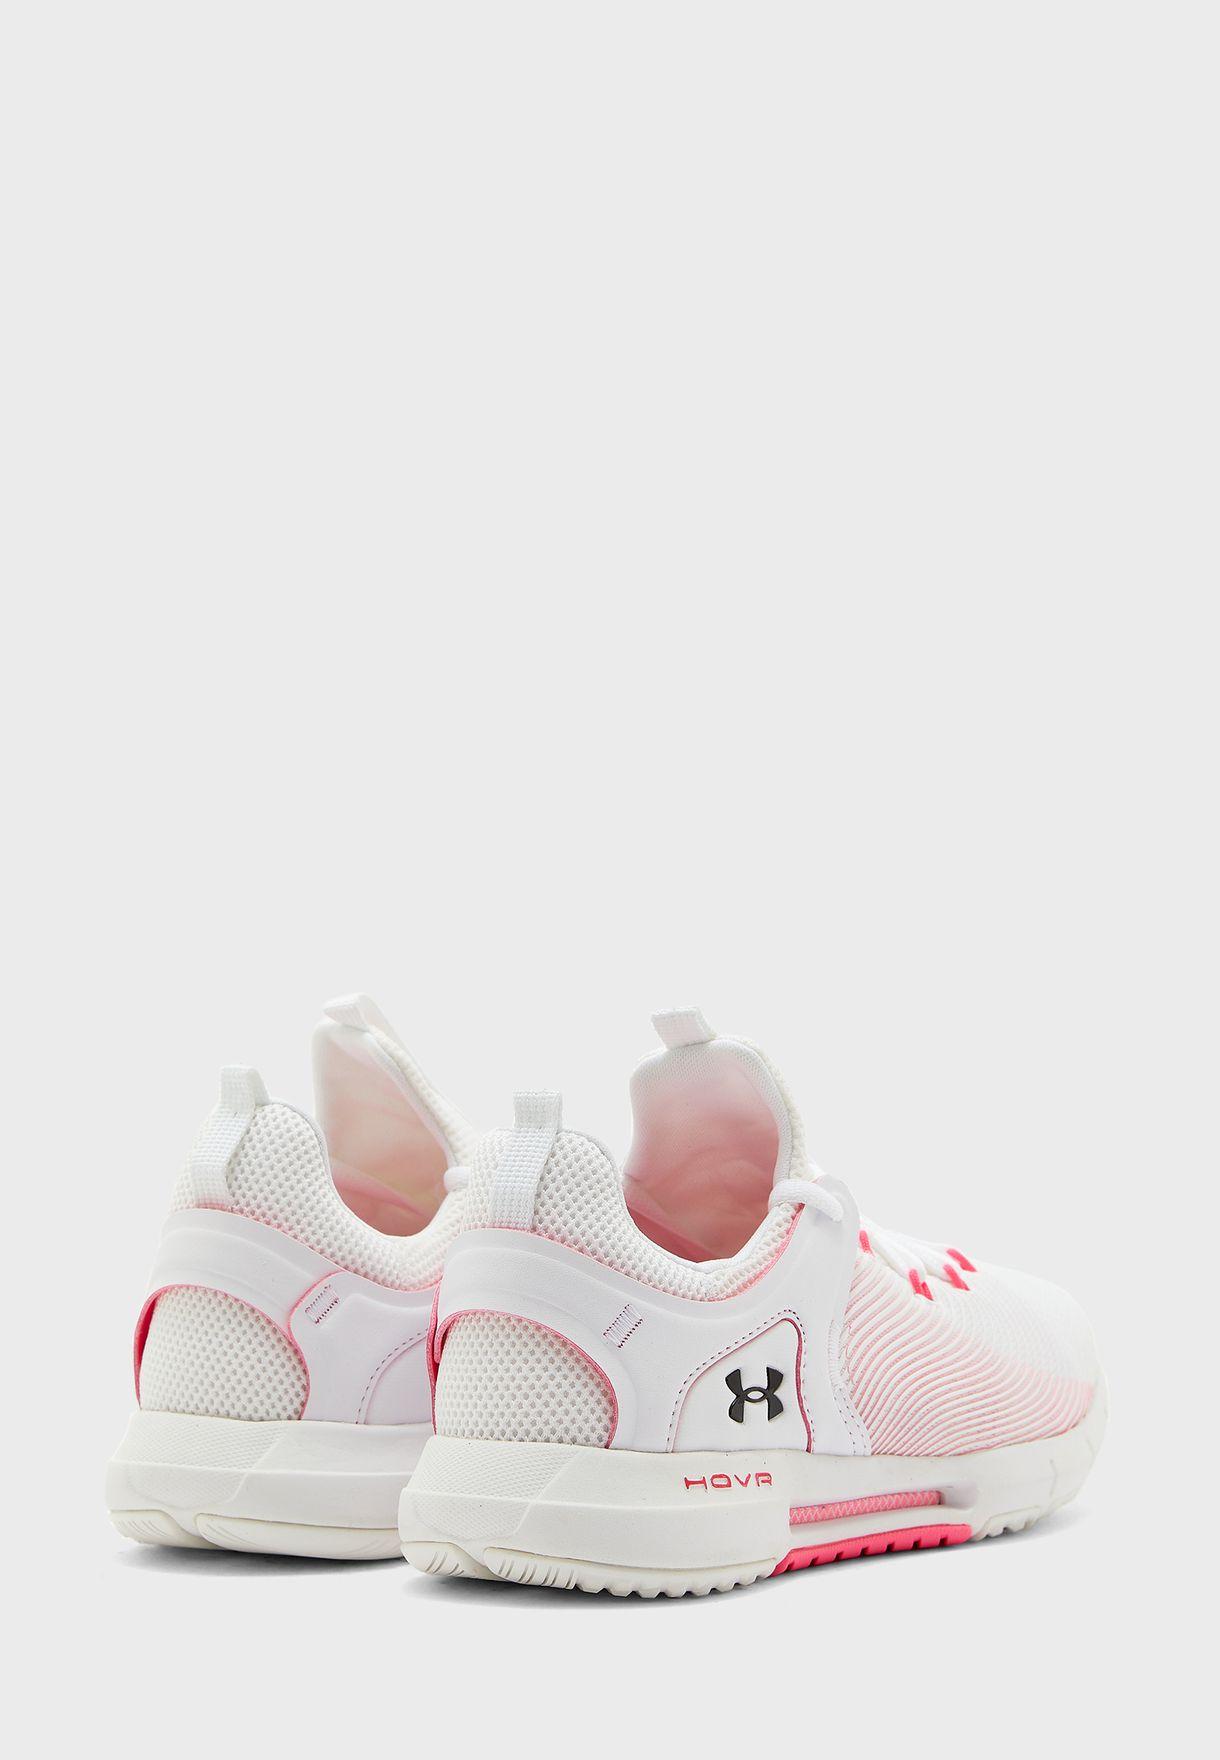 حذاء هوفر رايز 2